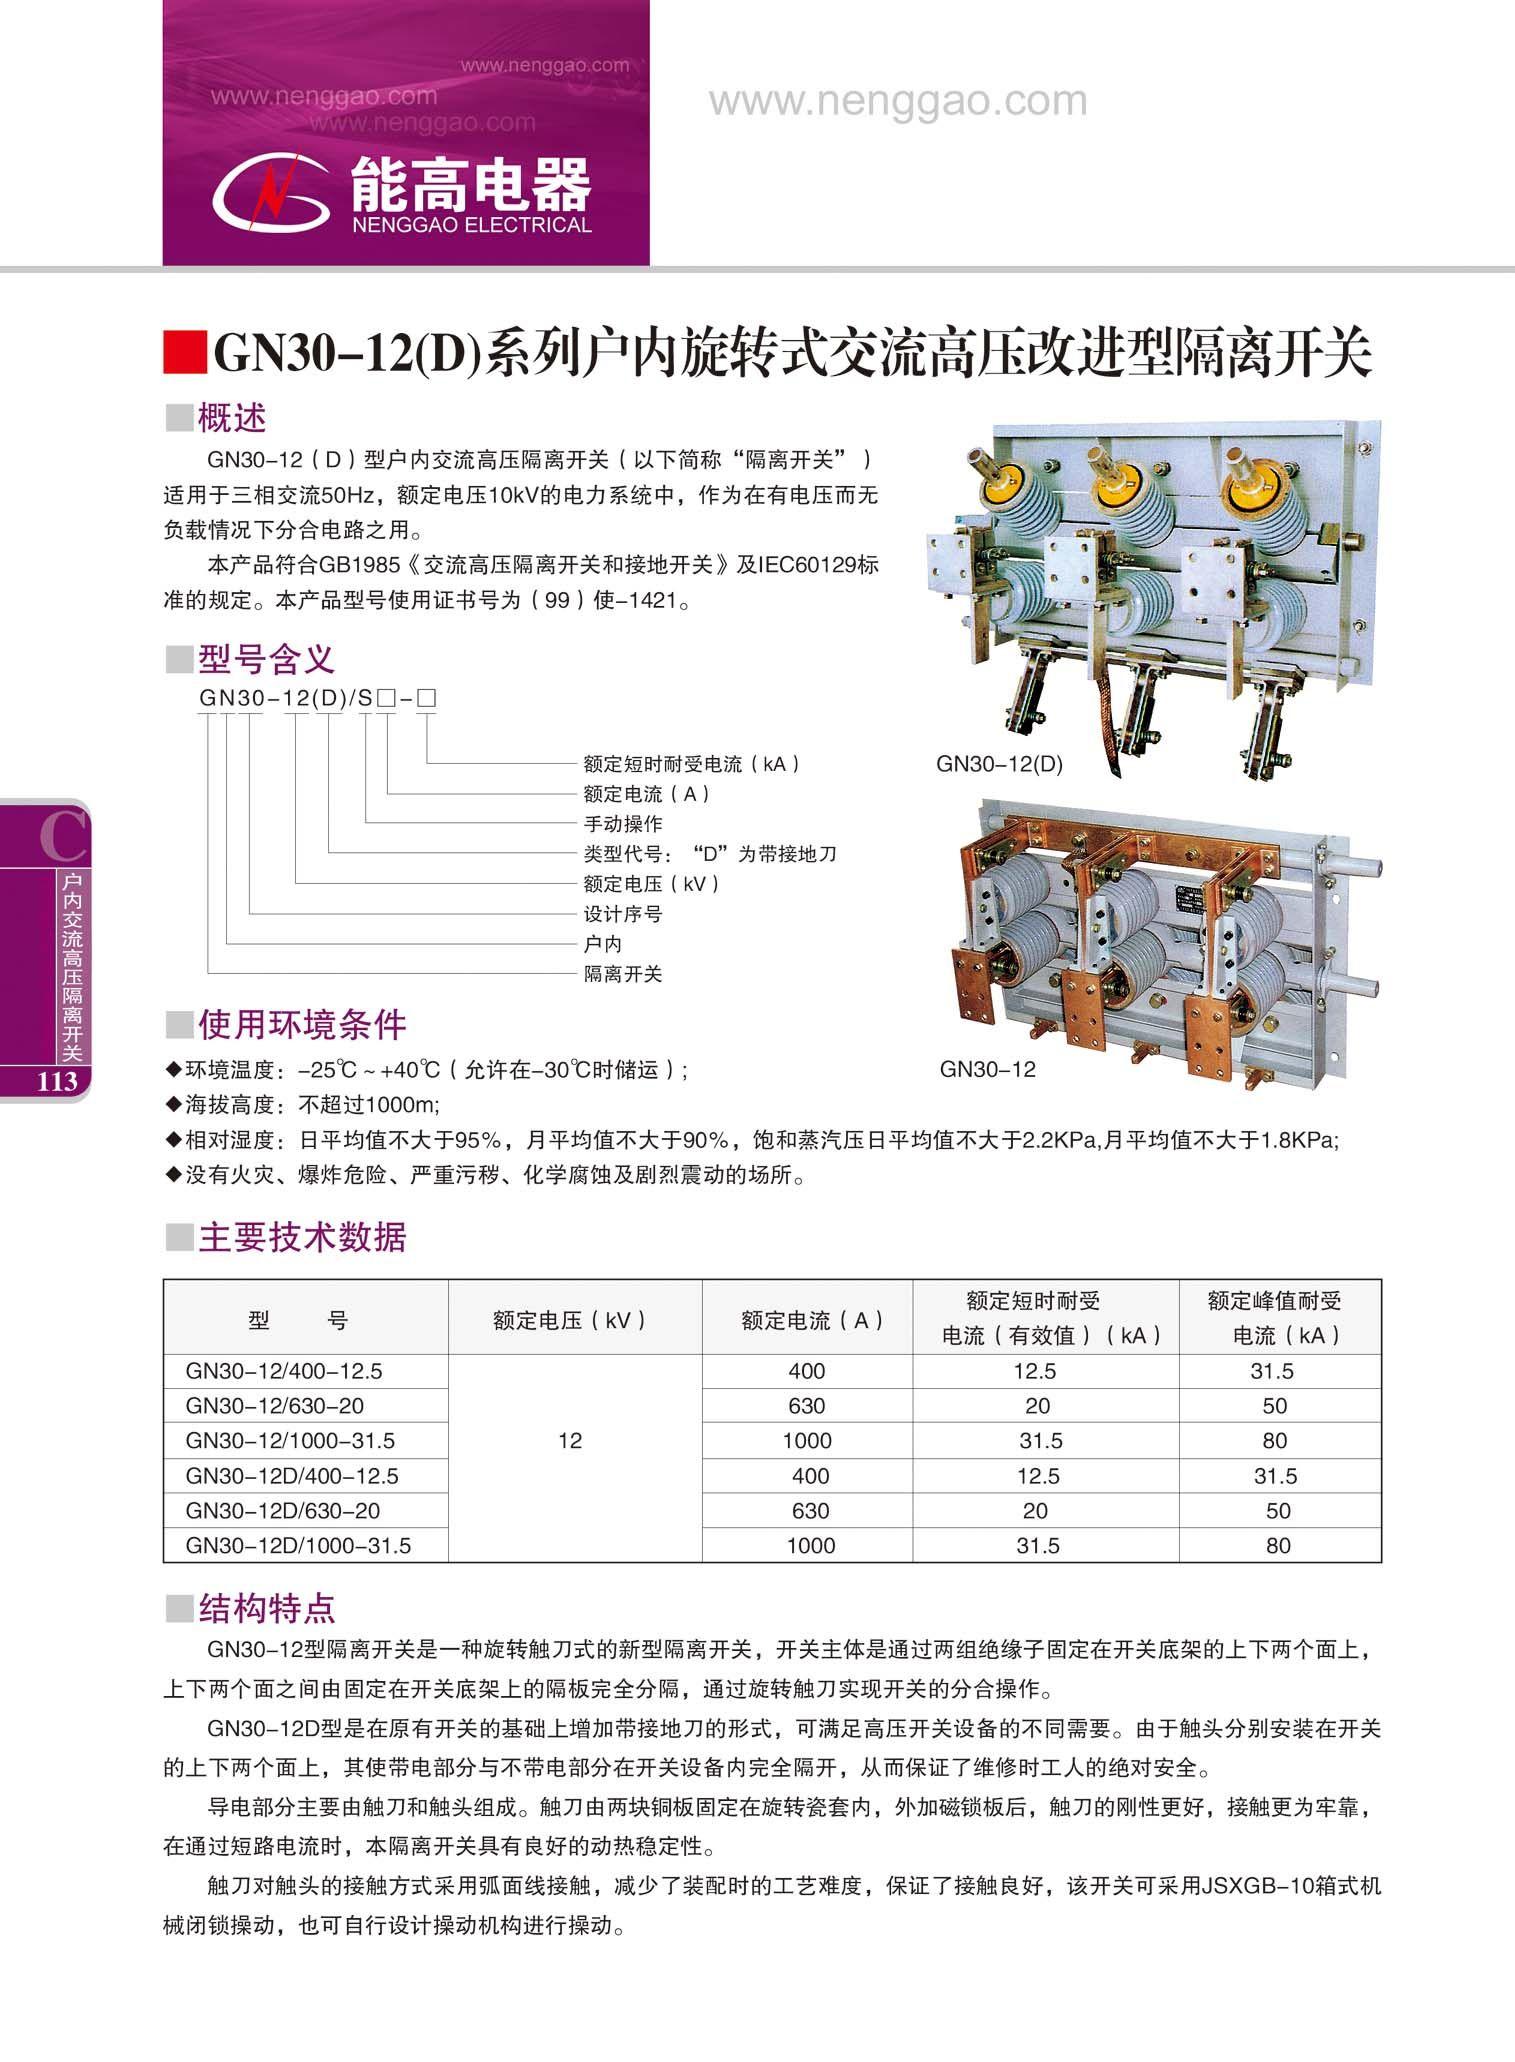 GN30-12D系列户内交流高压改进型隔离开关